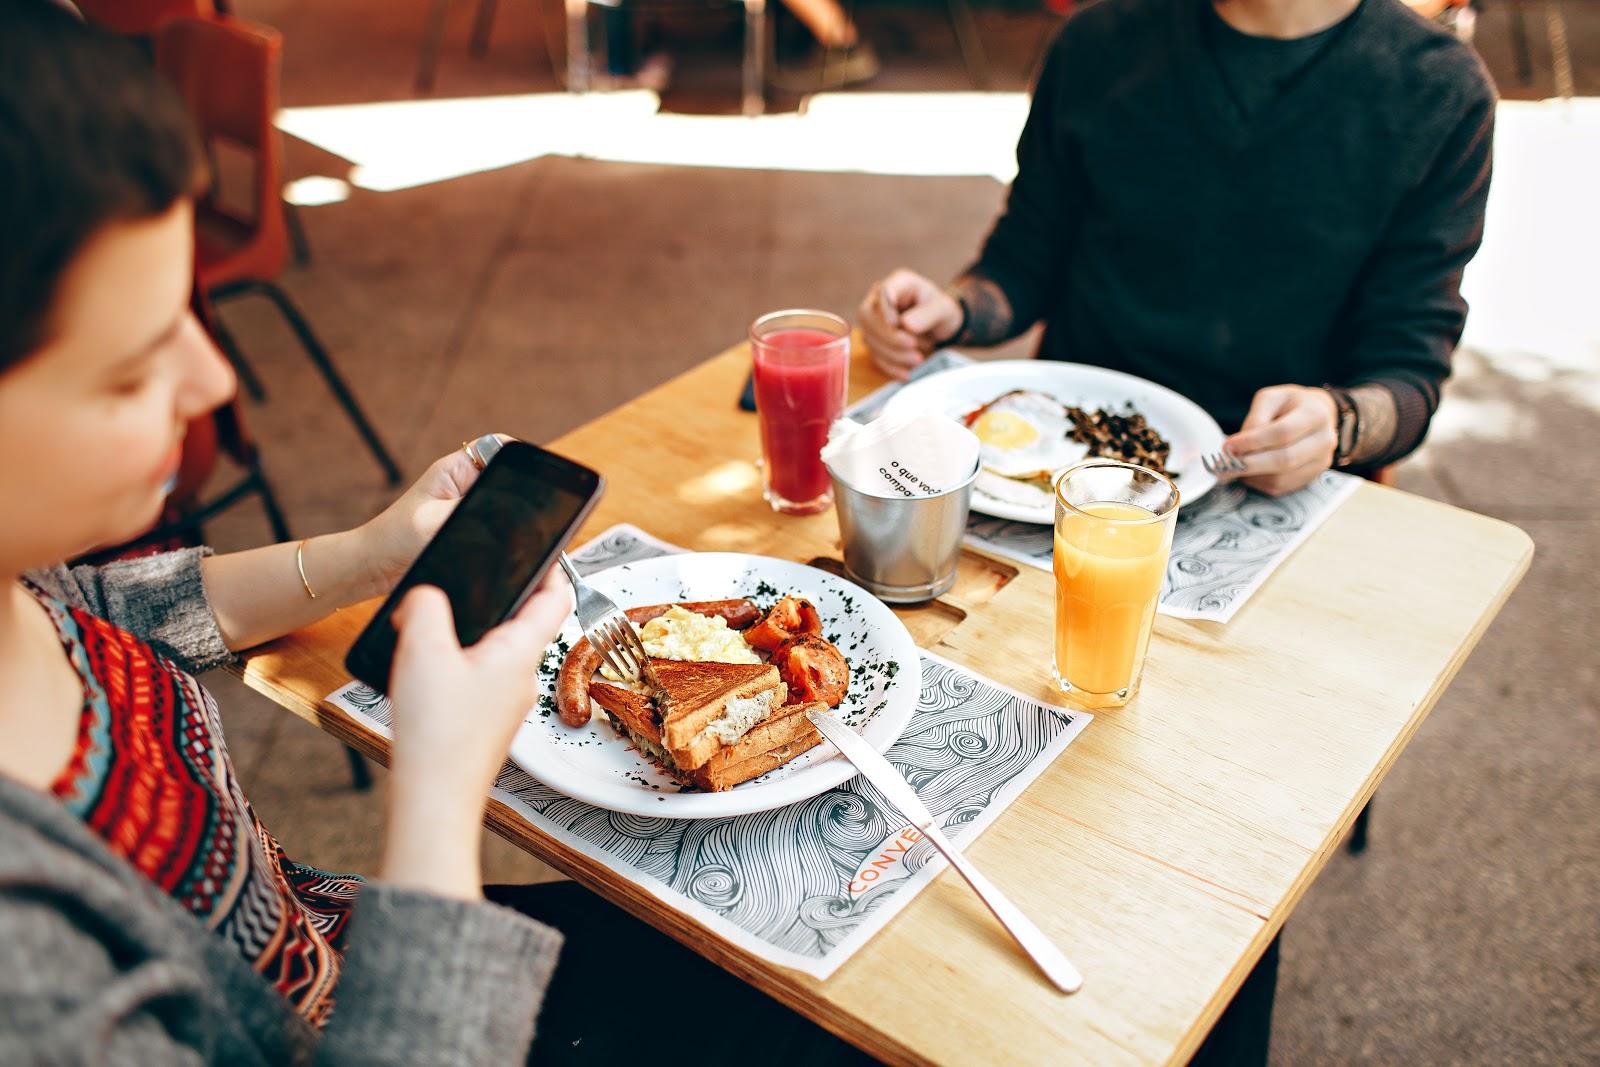 Duas pessoas sentadas em uma mesa e comendo.